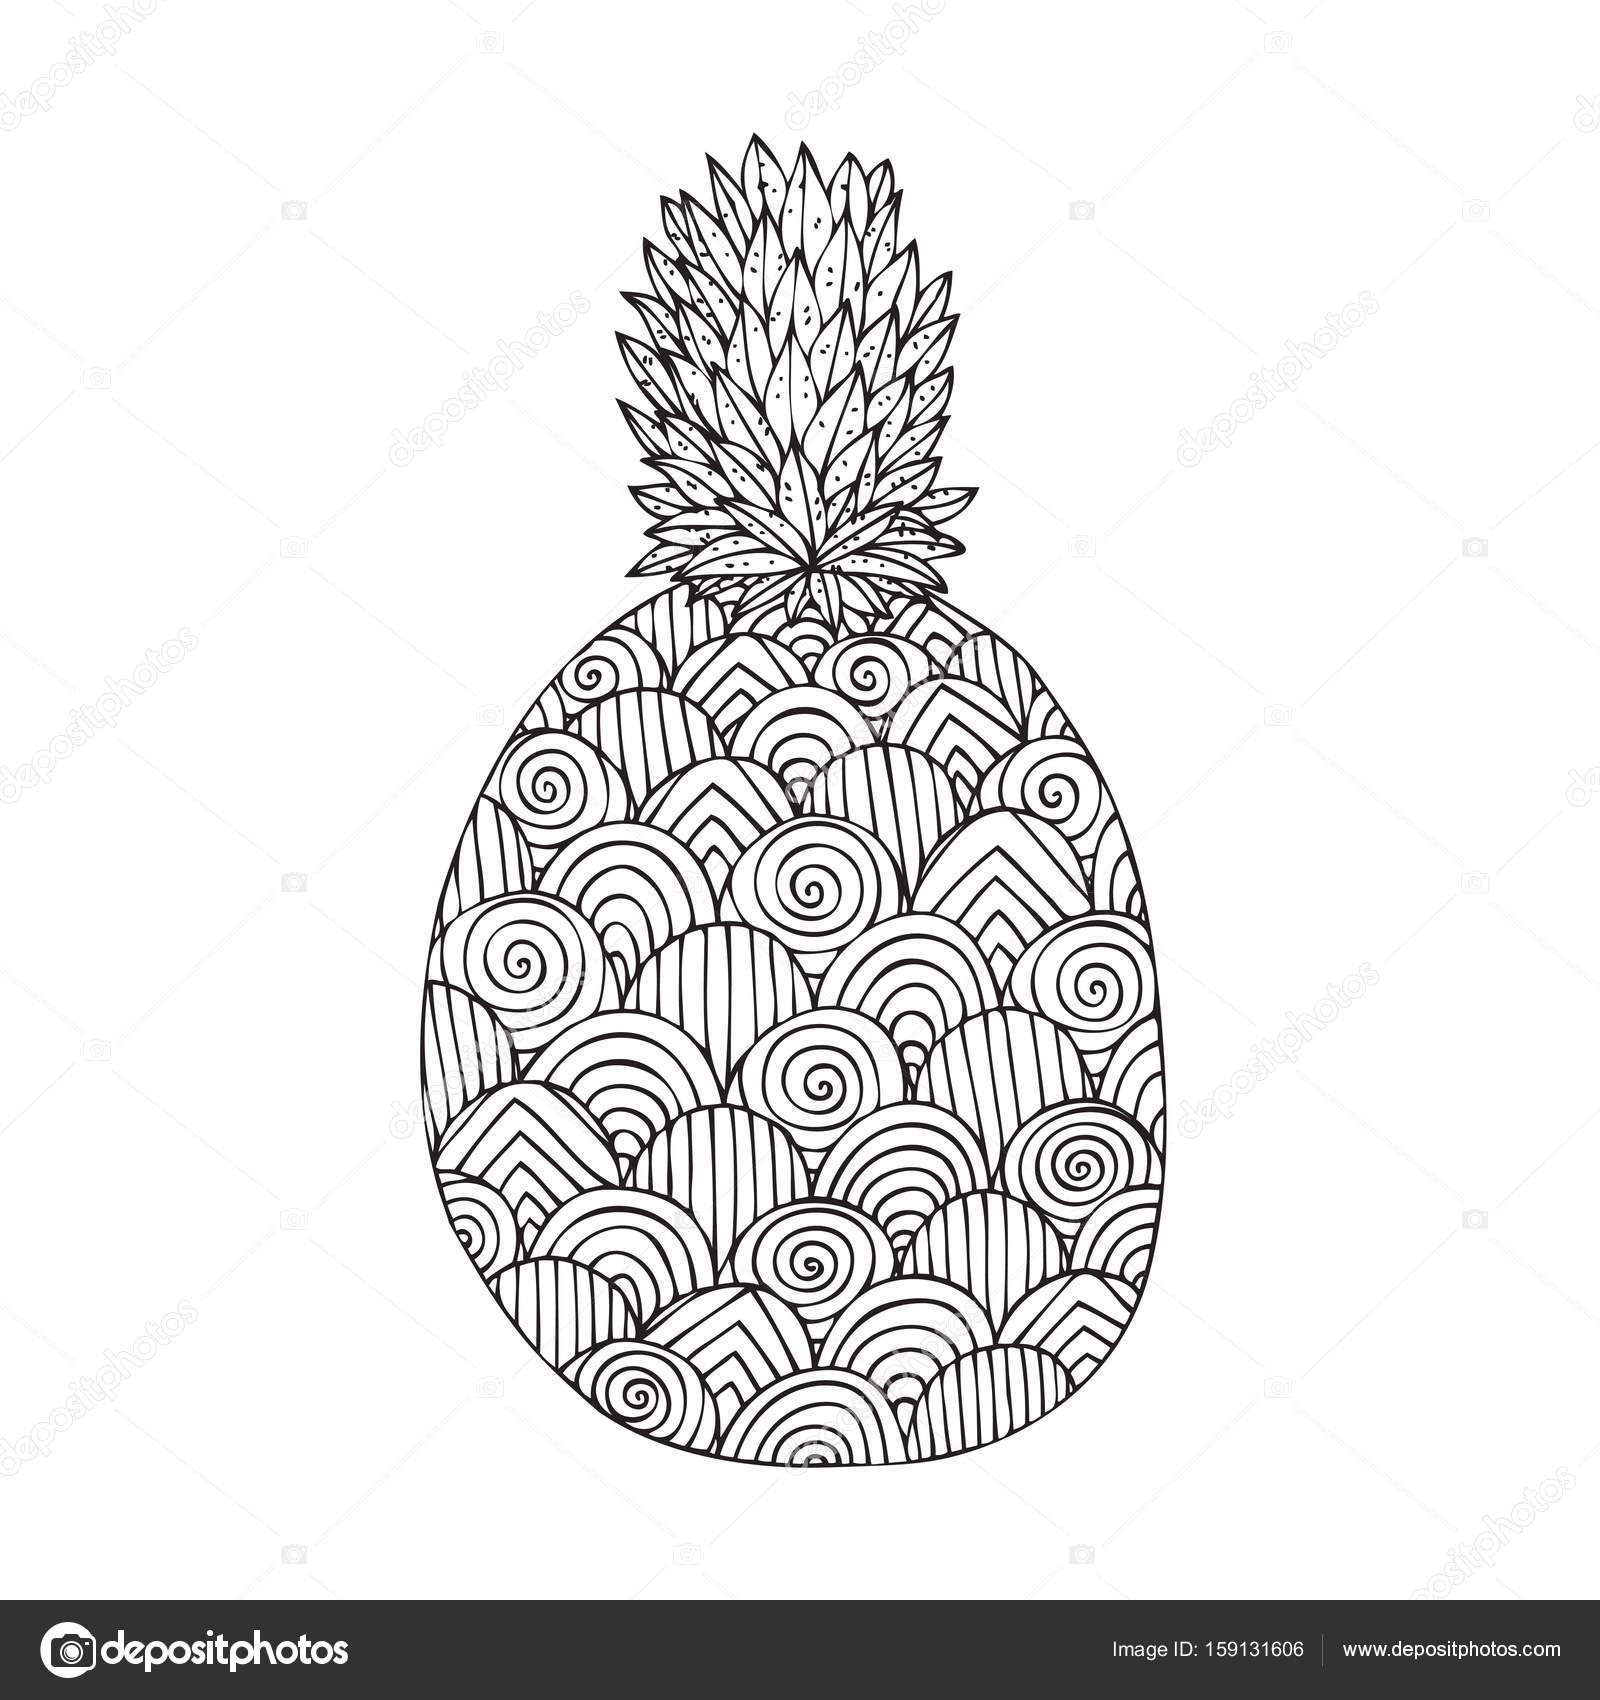 Boyama Kitabı Sayfa Tasarım Resmi Bir Ananas Olan Yetişkin Stok